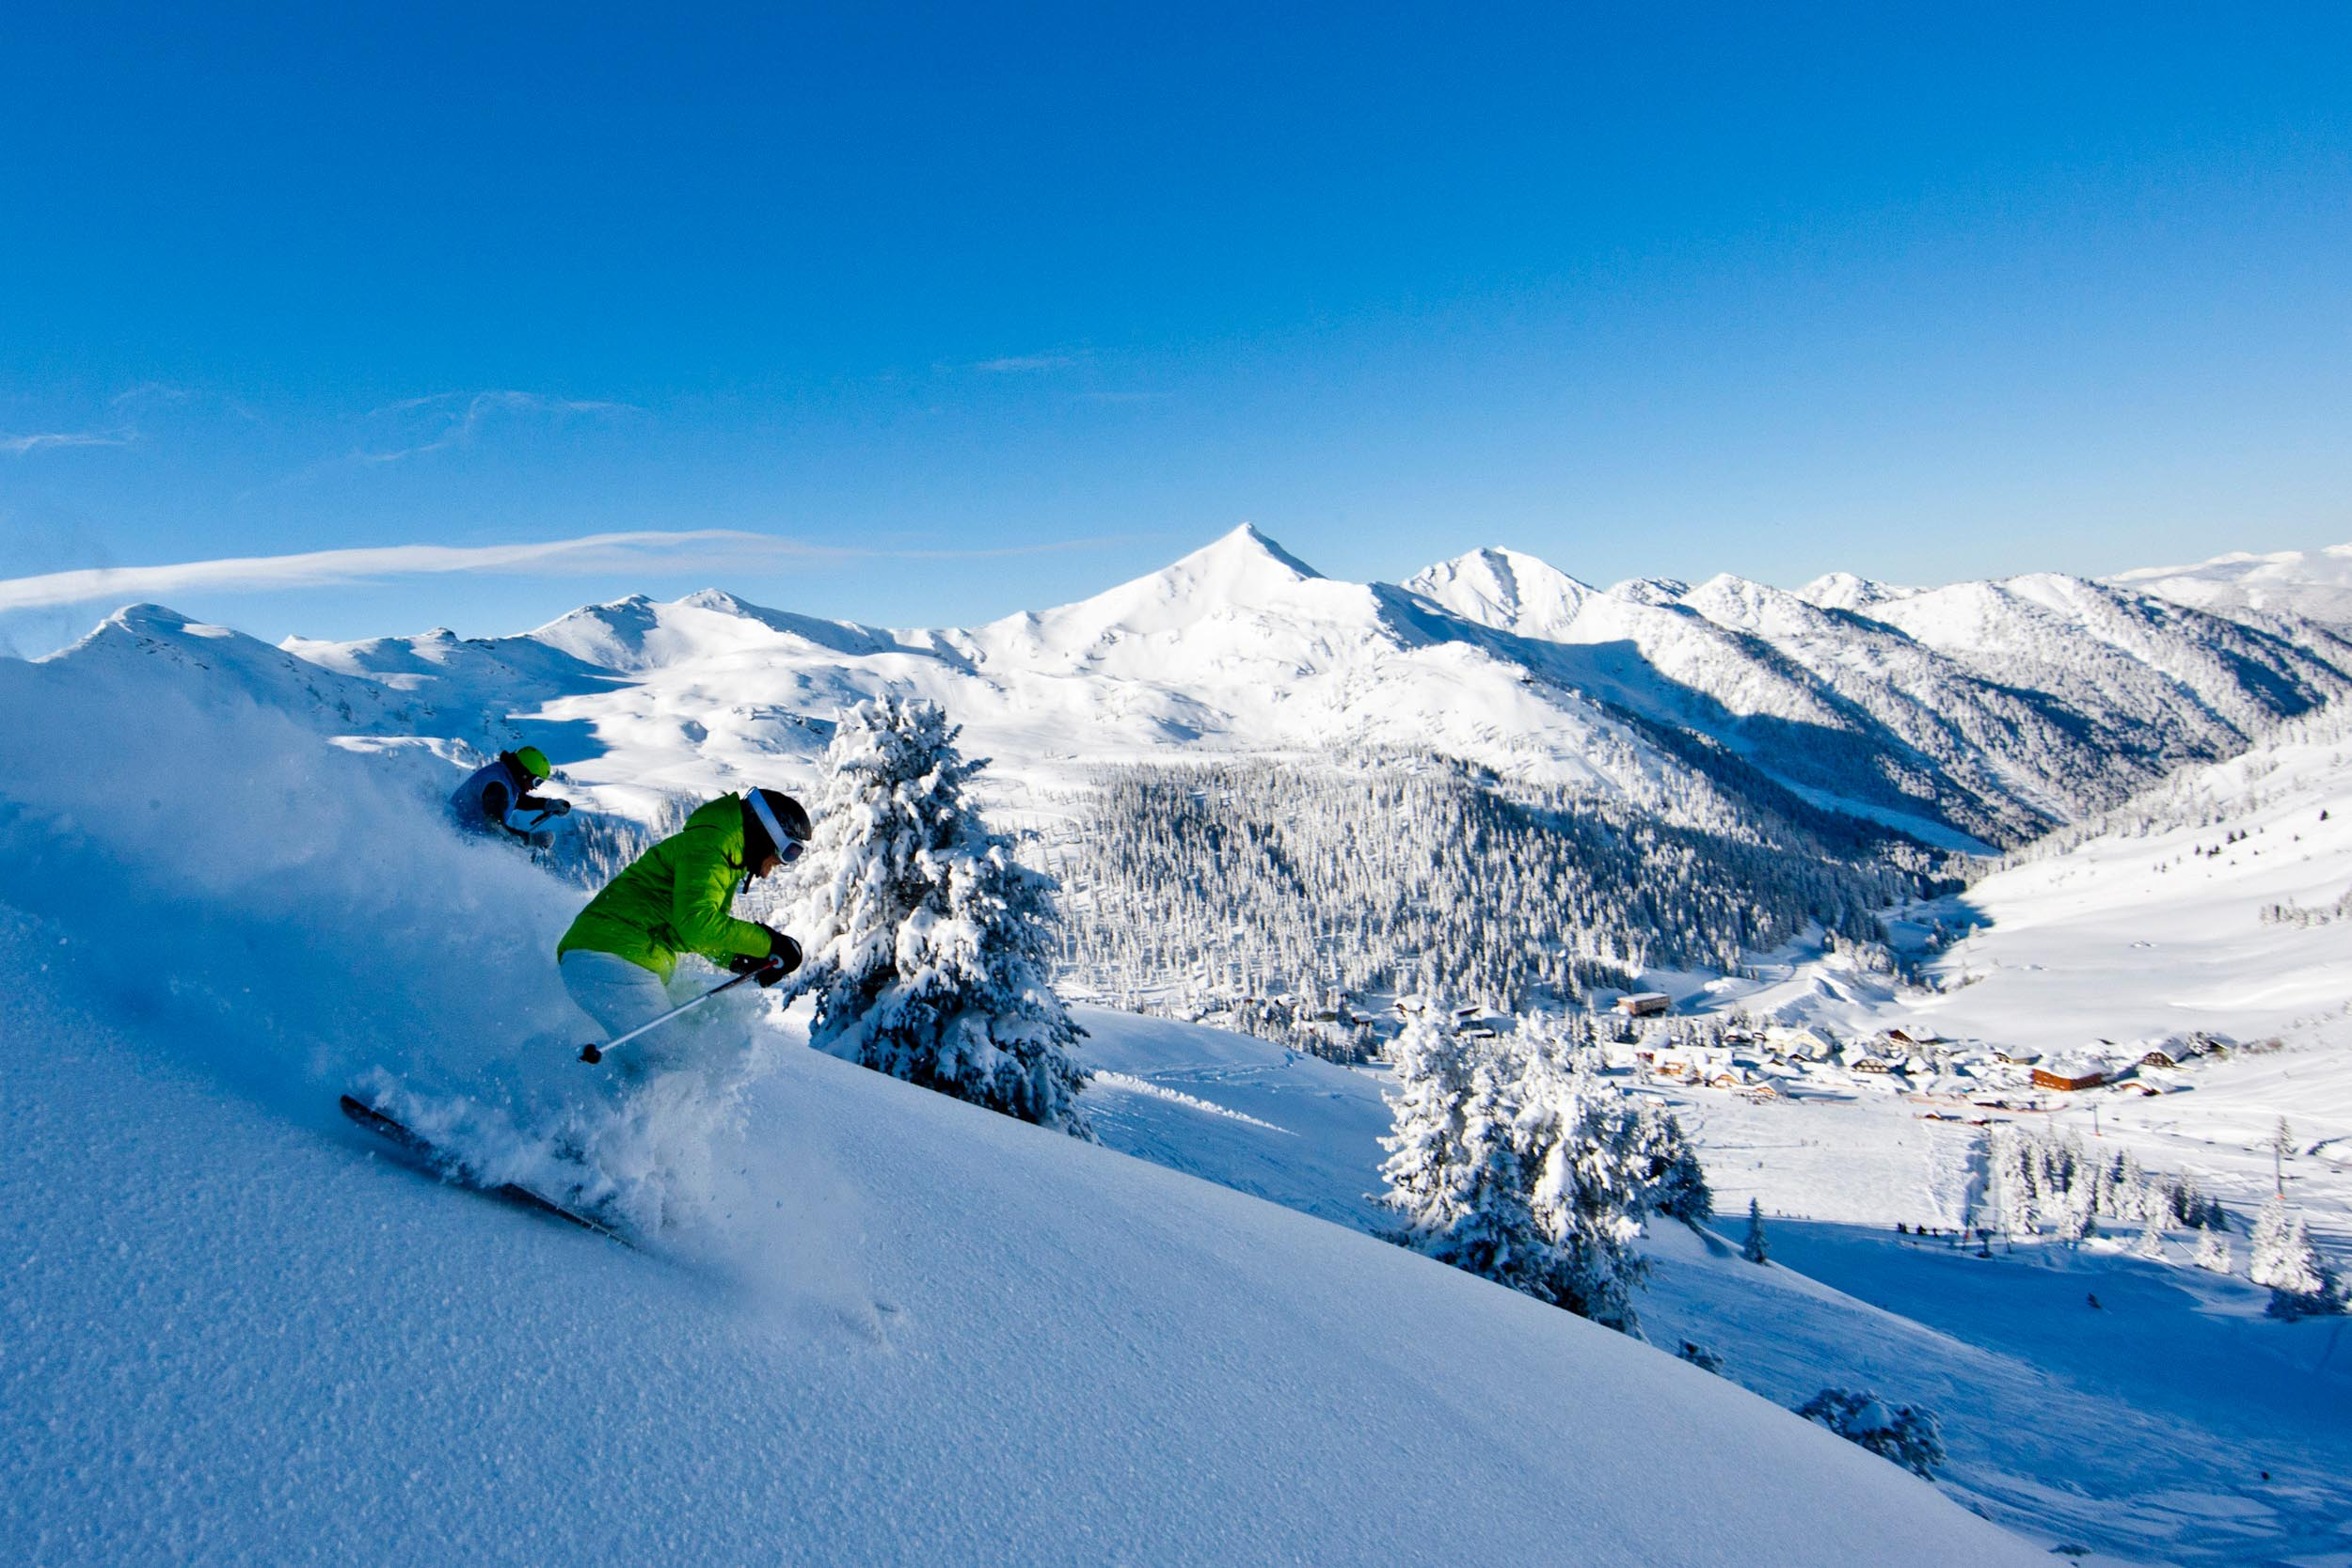 ski-tiefschnee-dorf